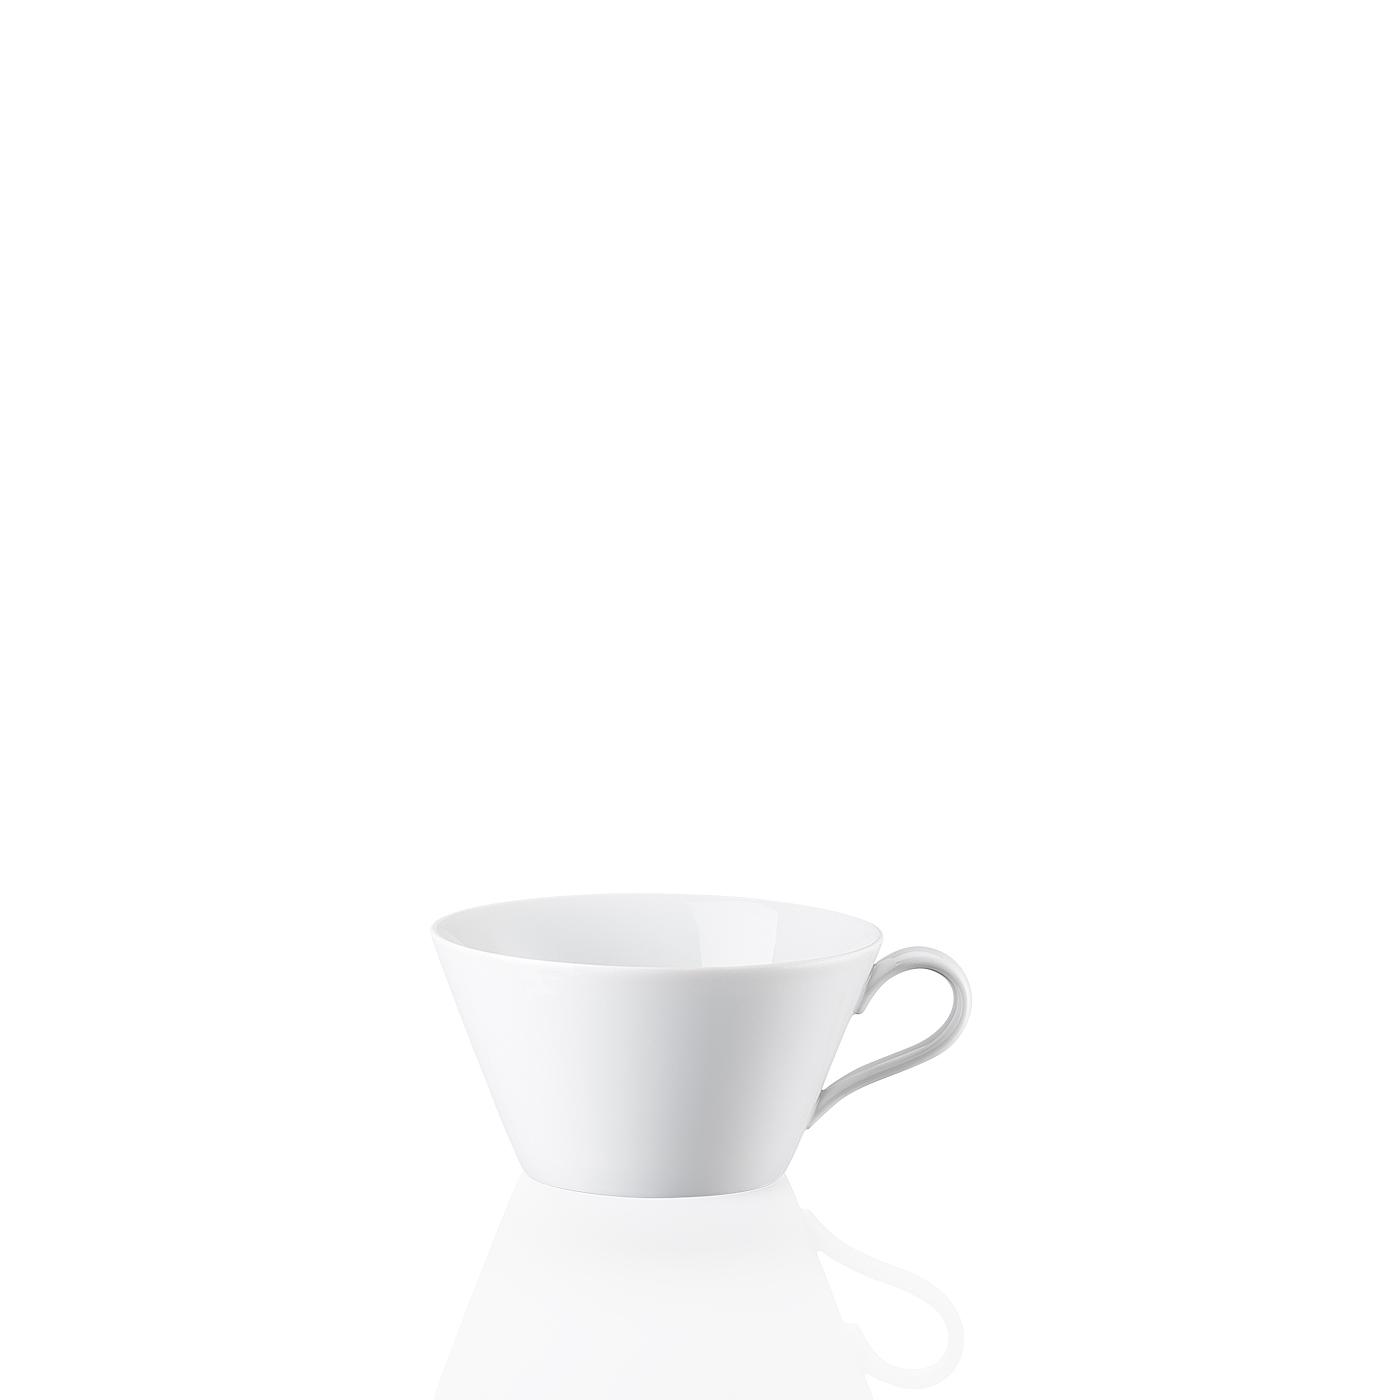 Café au Lait Obertasse Tric Weiss Arzberg